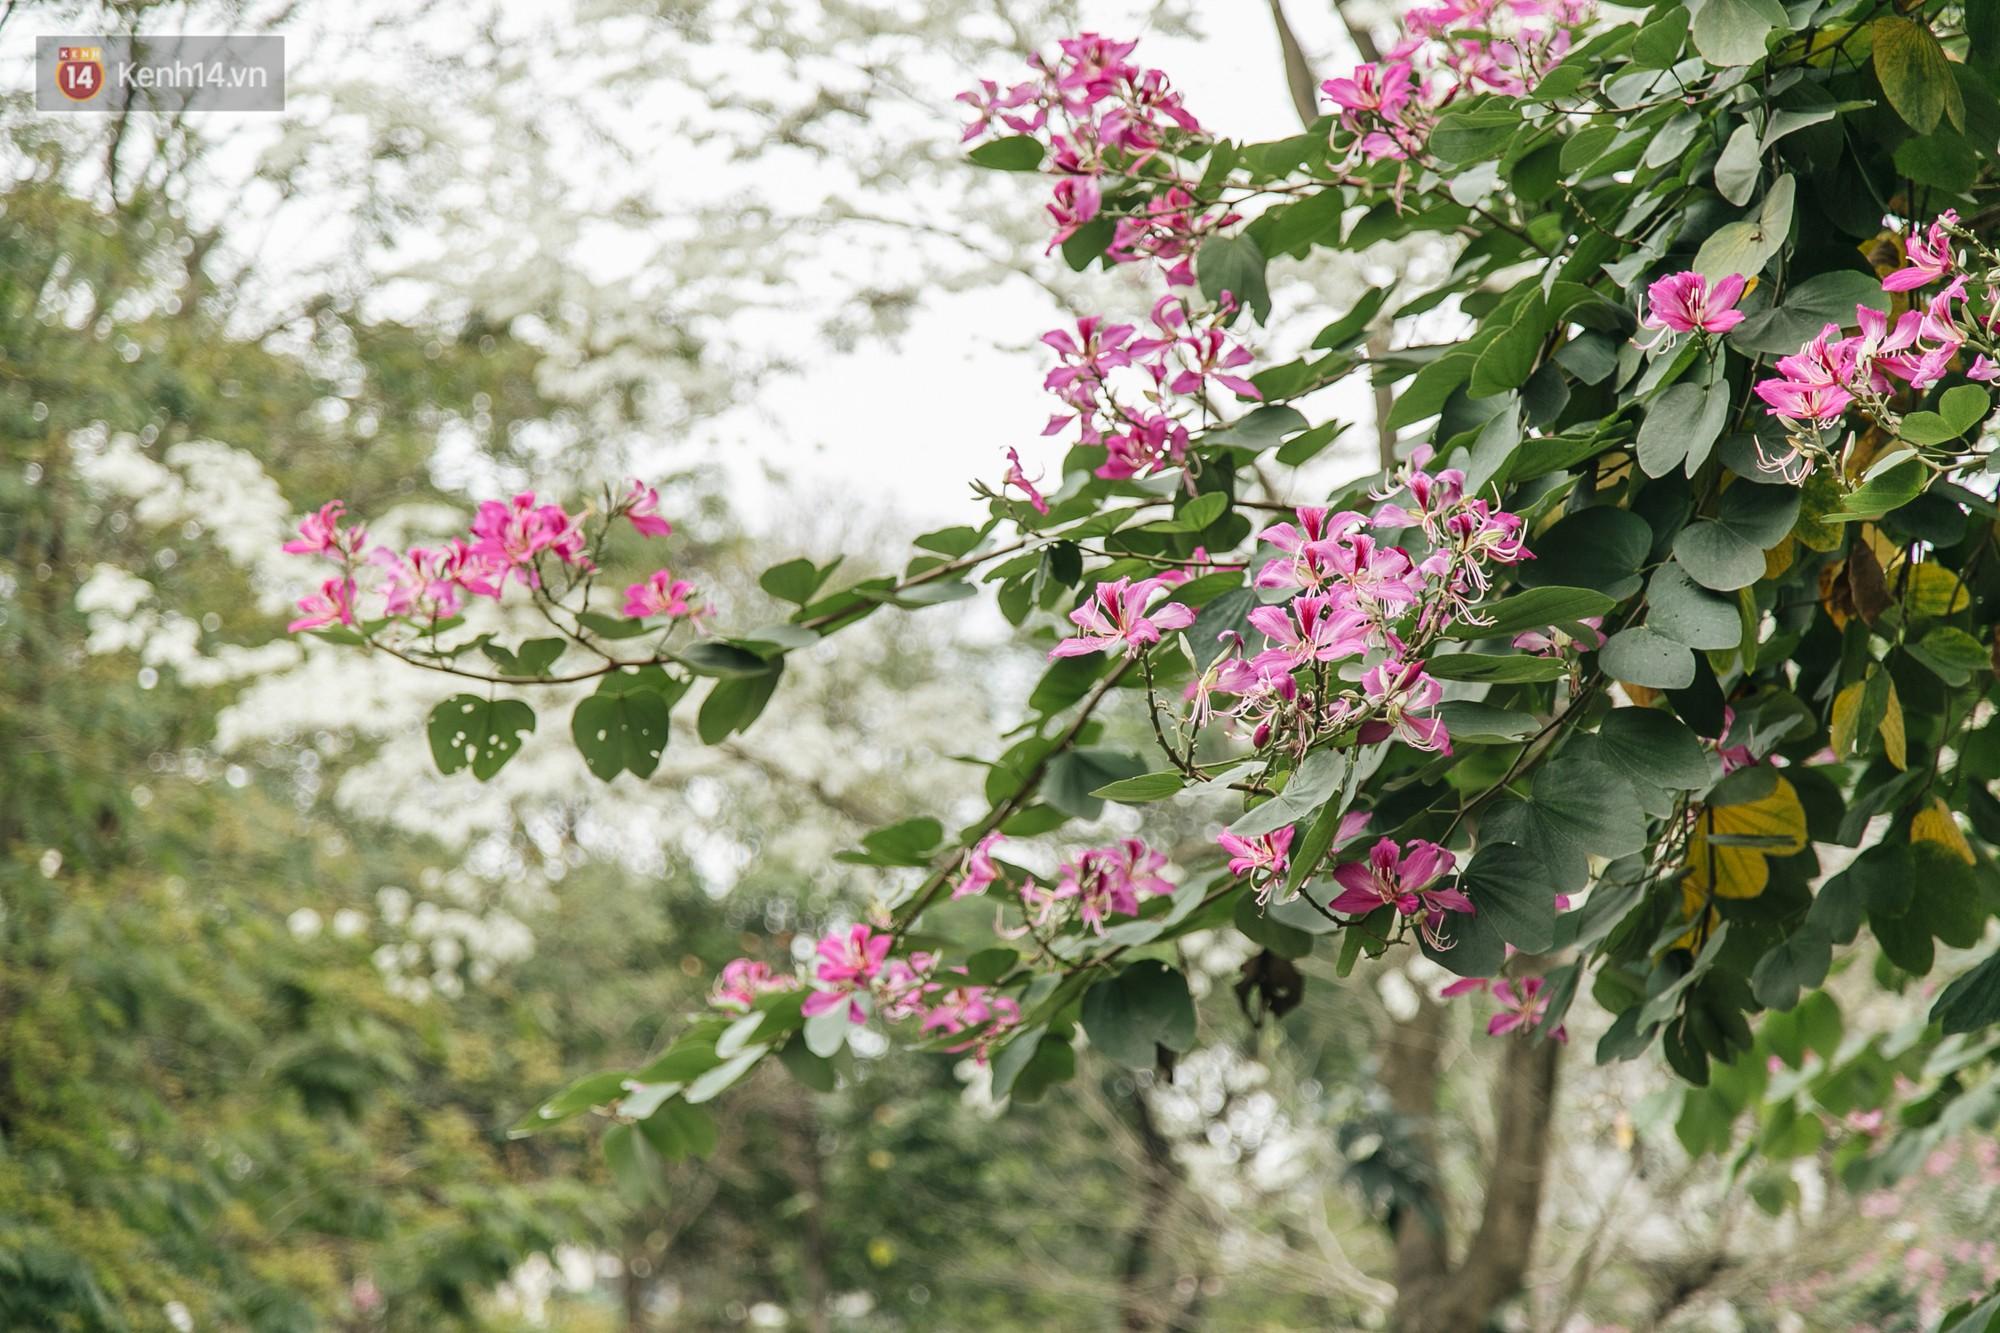 Không cần lên Tây Bắc, hoa ban vẫn bừng nở giữa đất trời Hà Nội cho người dân thỏa sức check-in - Ảnh 2.